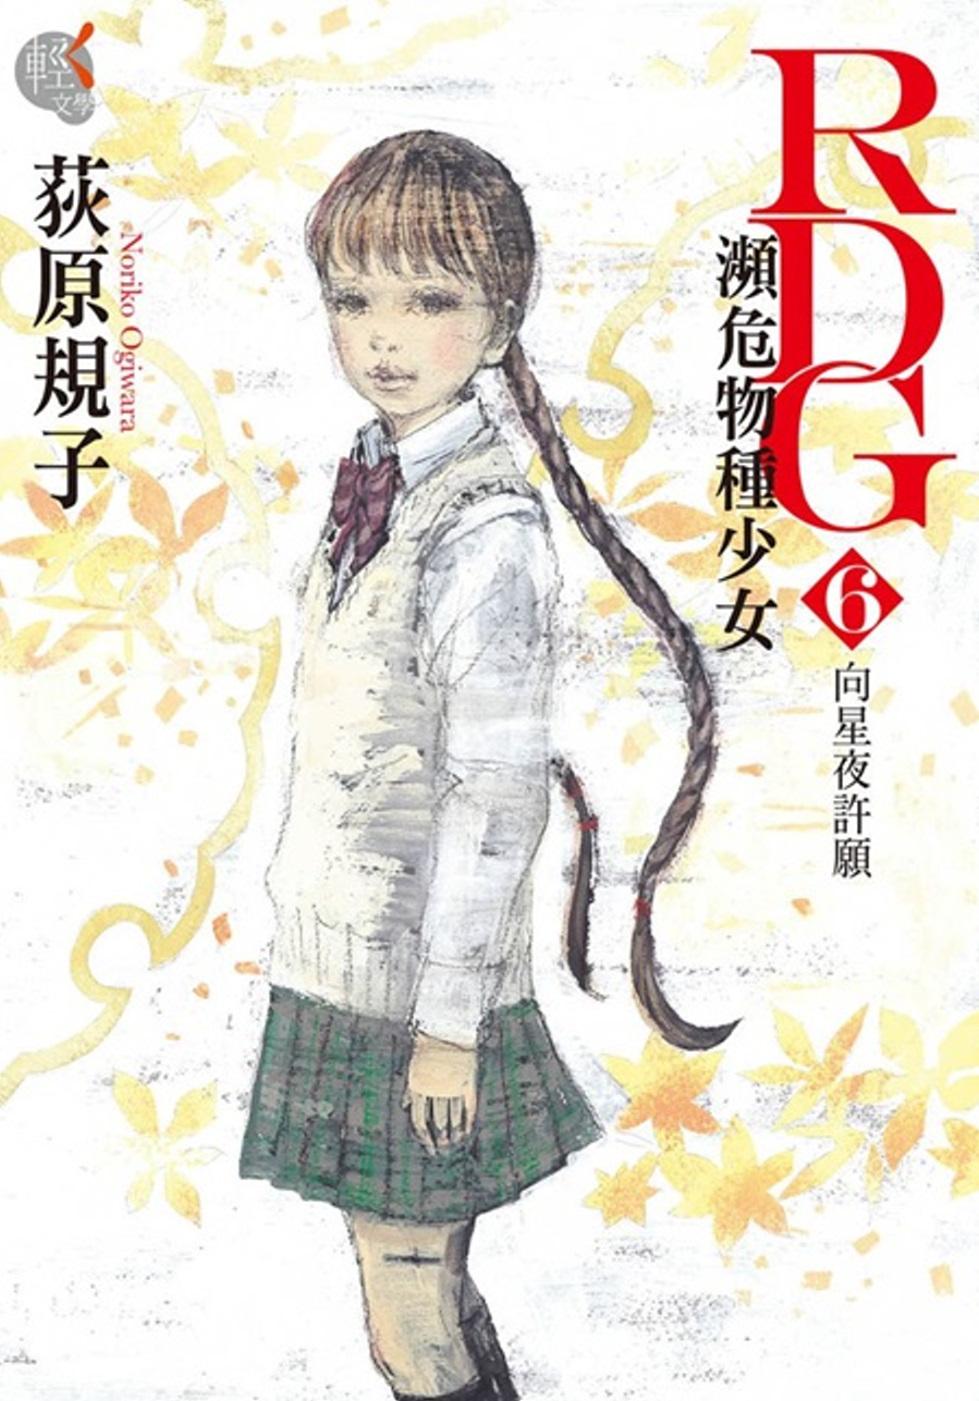 RDG6瀕危物種少女 向星夜許願